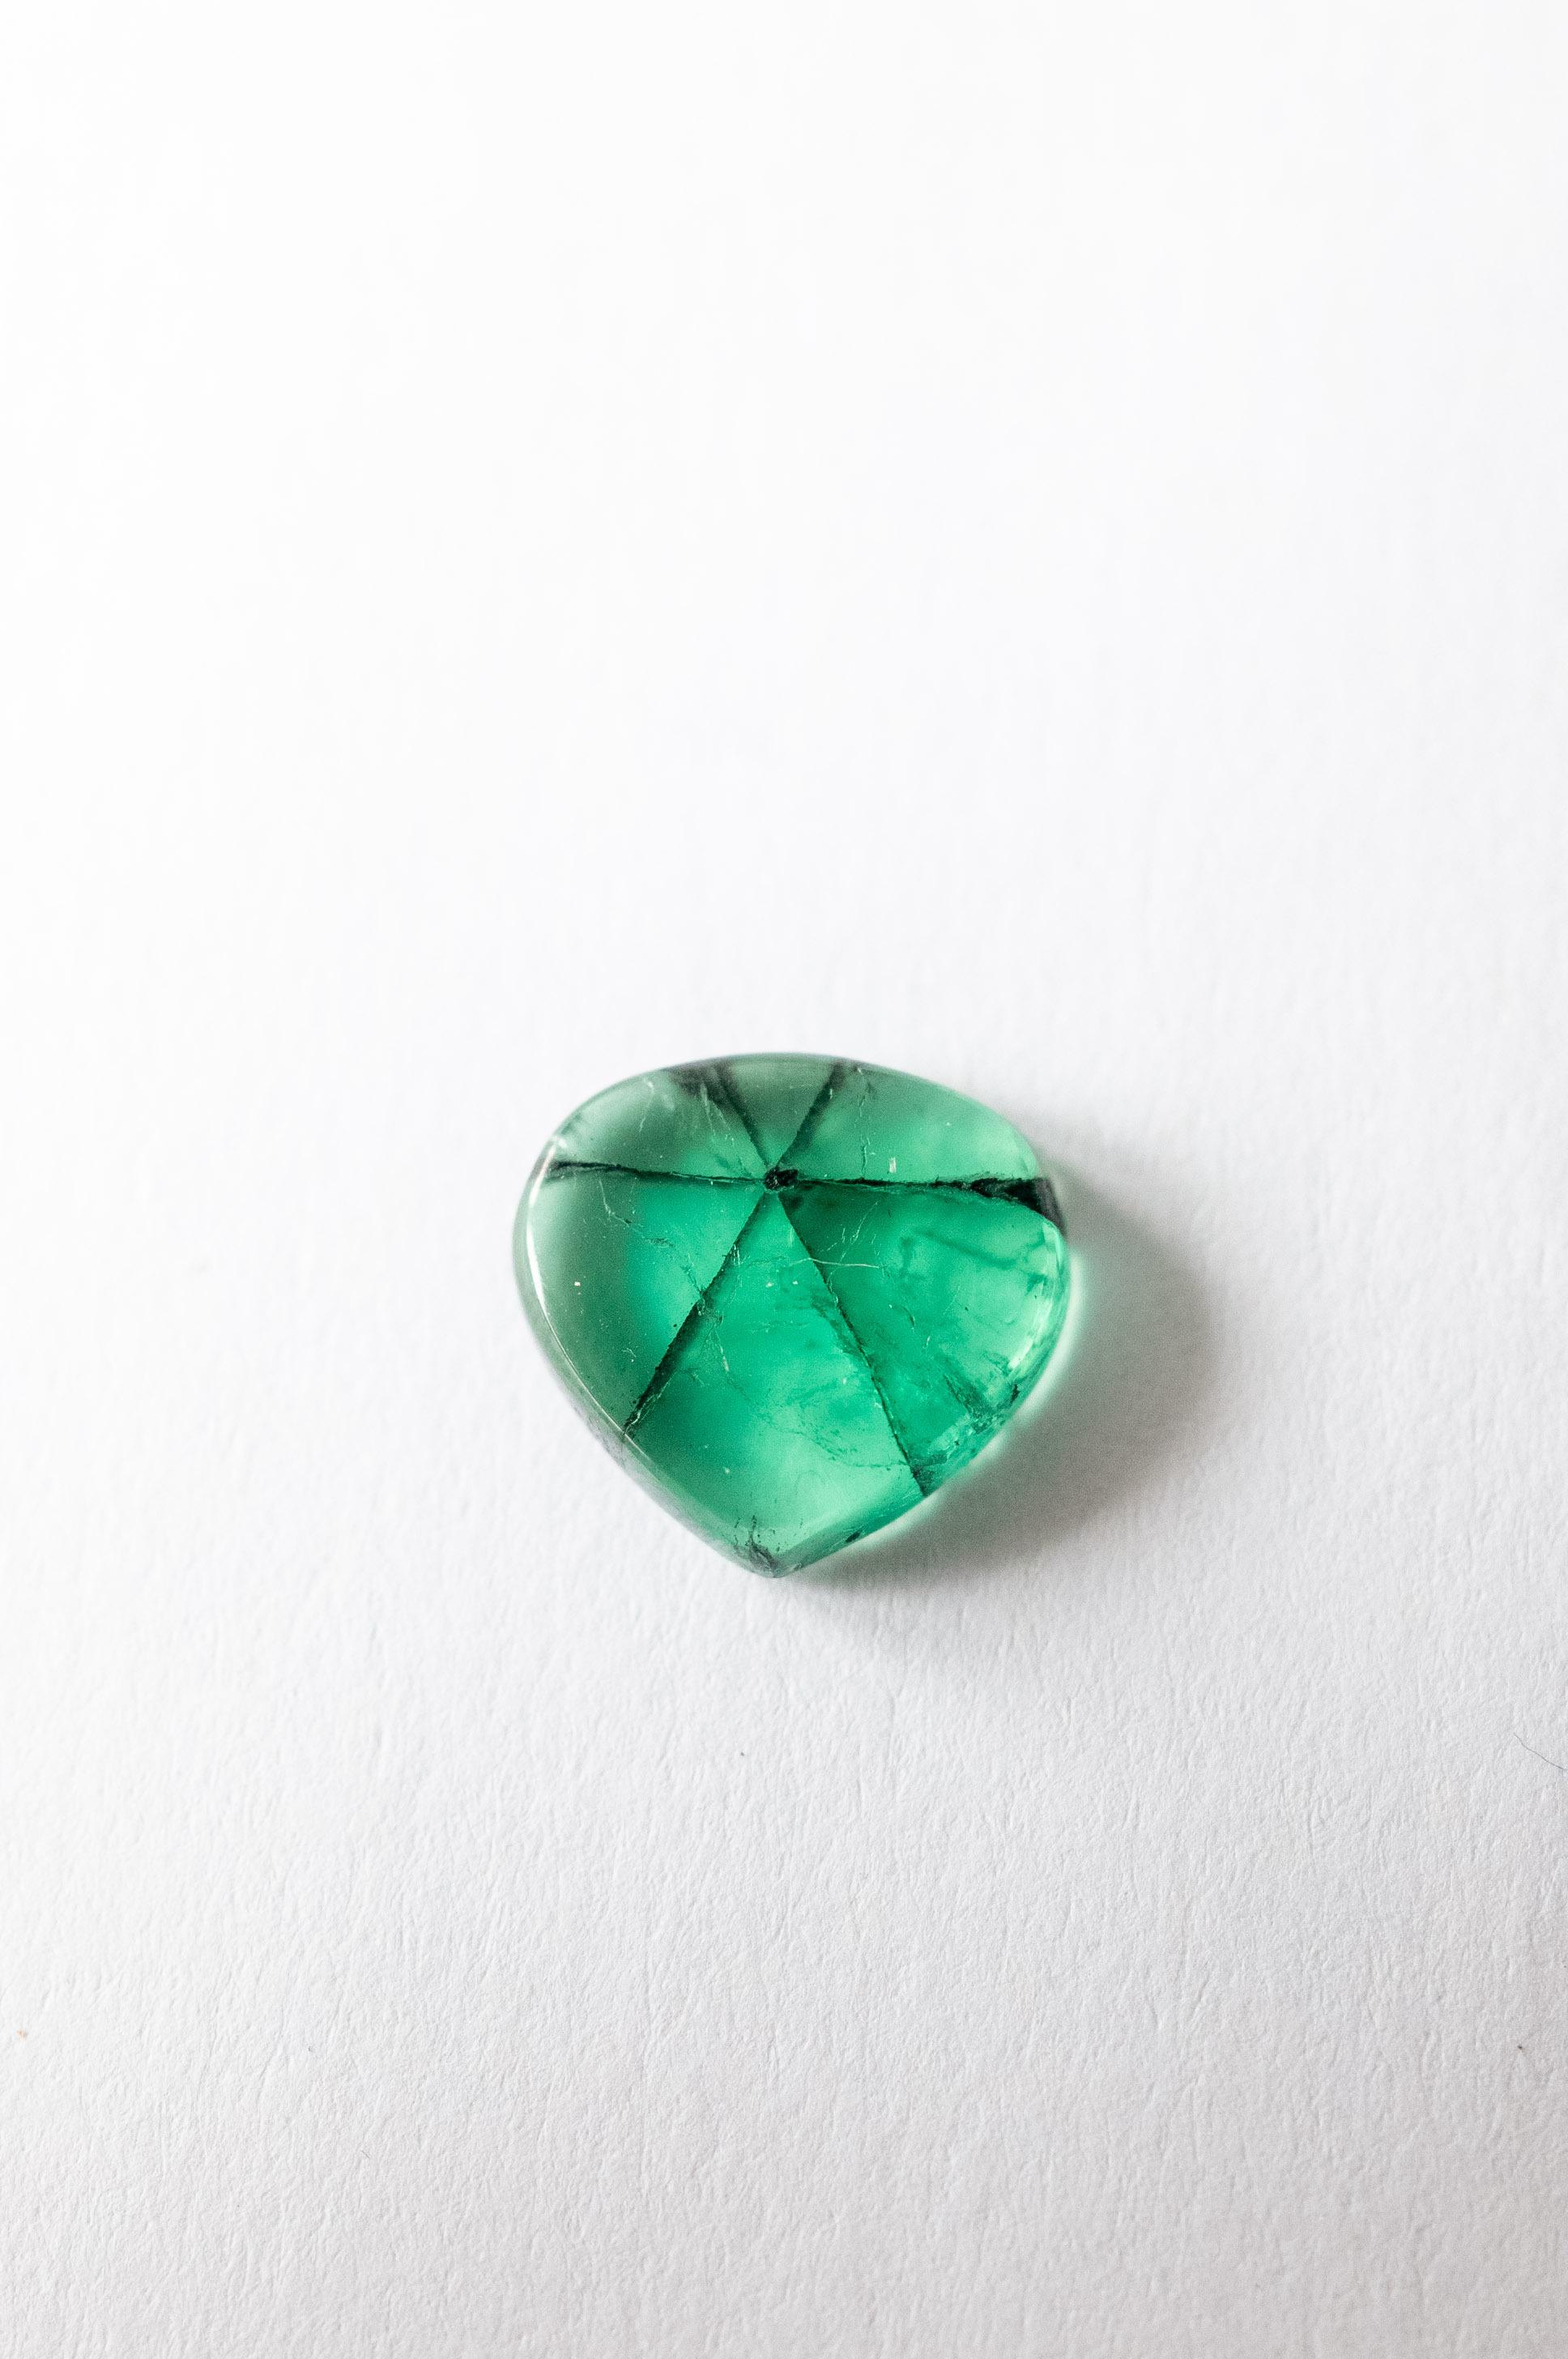 Trapiche Emerald - 001